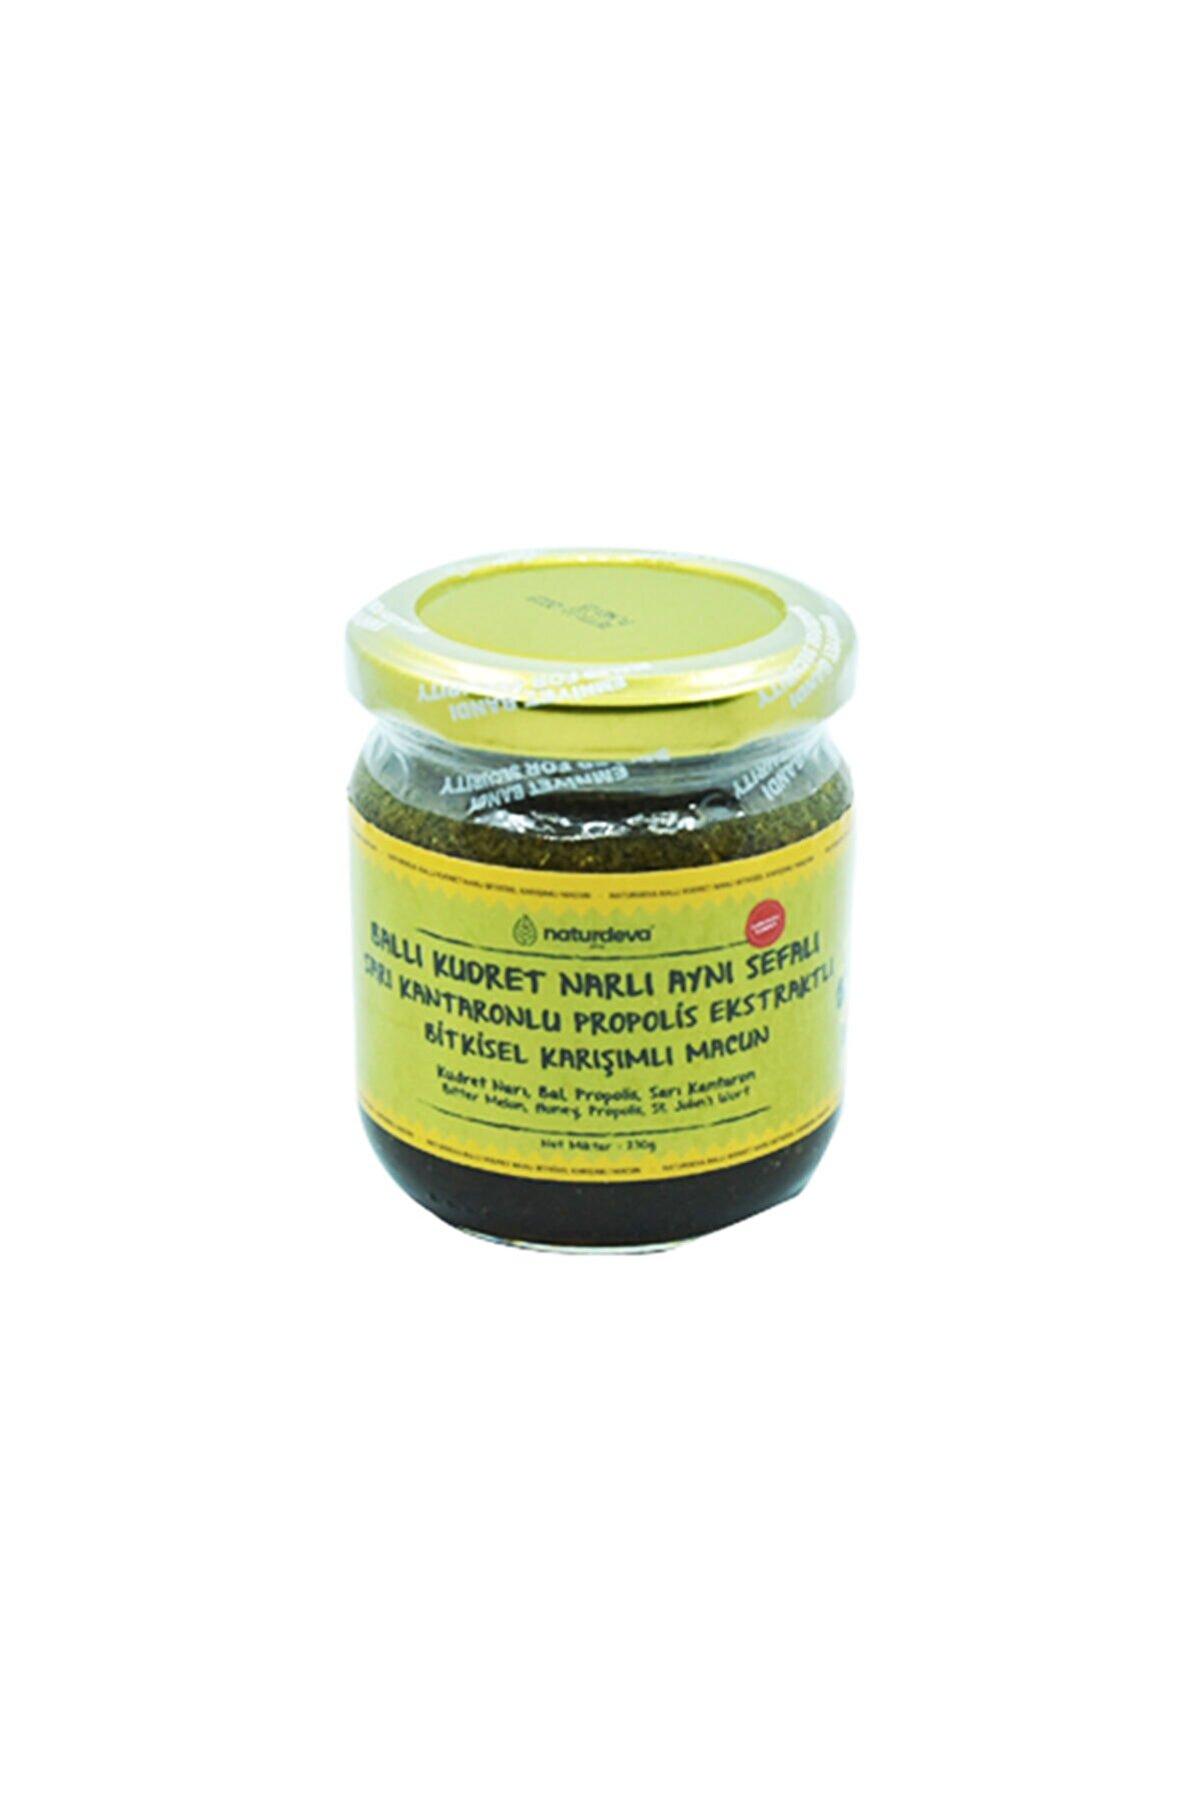 Naturdeva Ballı Kudret Narlı Aynısefalı Sarı Kantaronlu Propolisli Bitkisel Karışımlı Macun 230 Gram